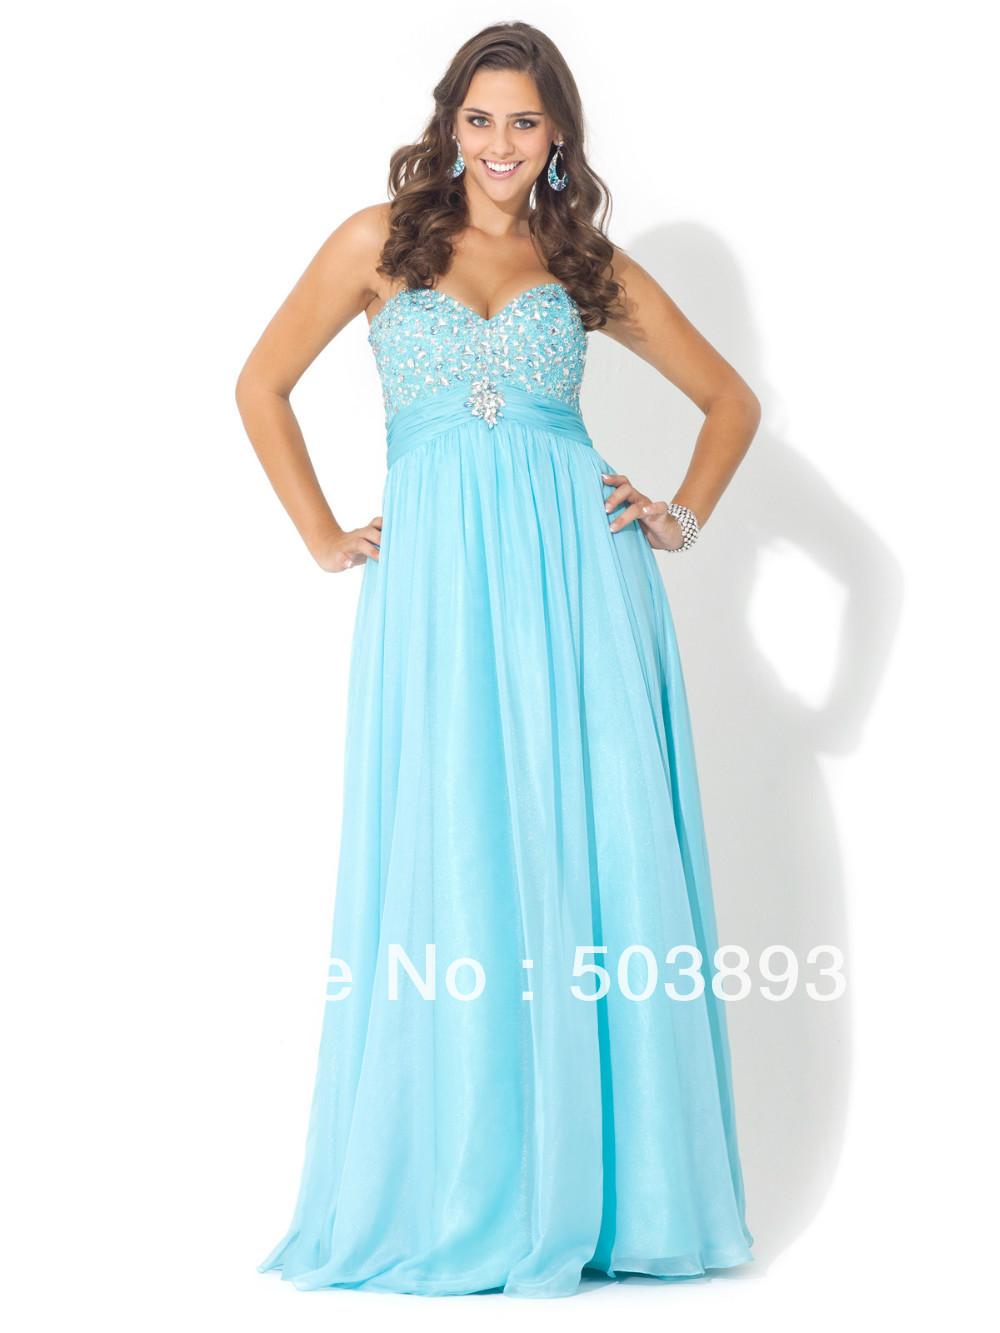 Plus Size Bridesmaid Dresses Light Blue - Junoir Bridesmaid Dresses